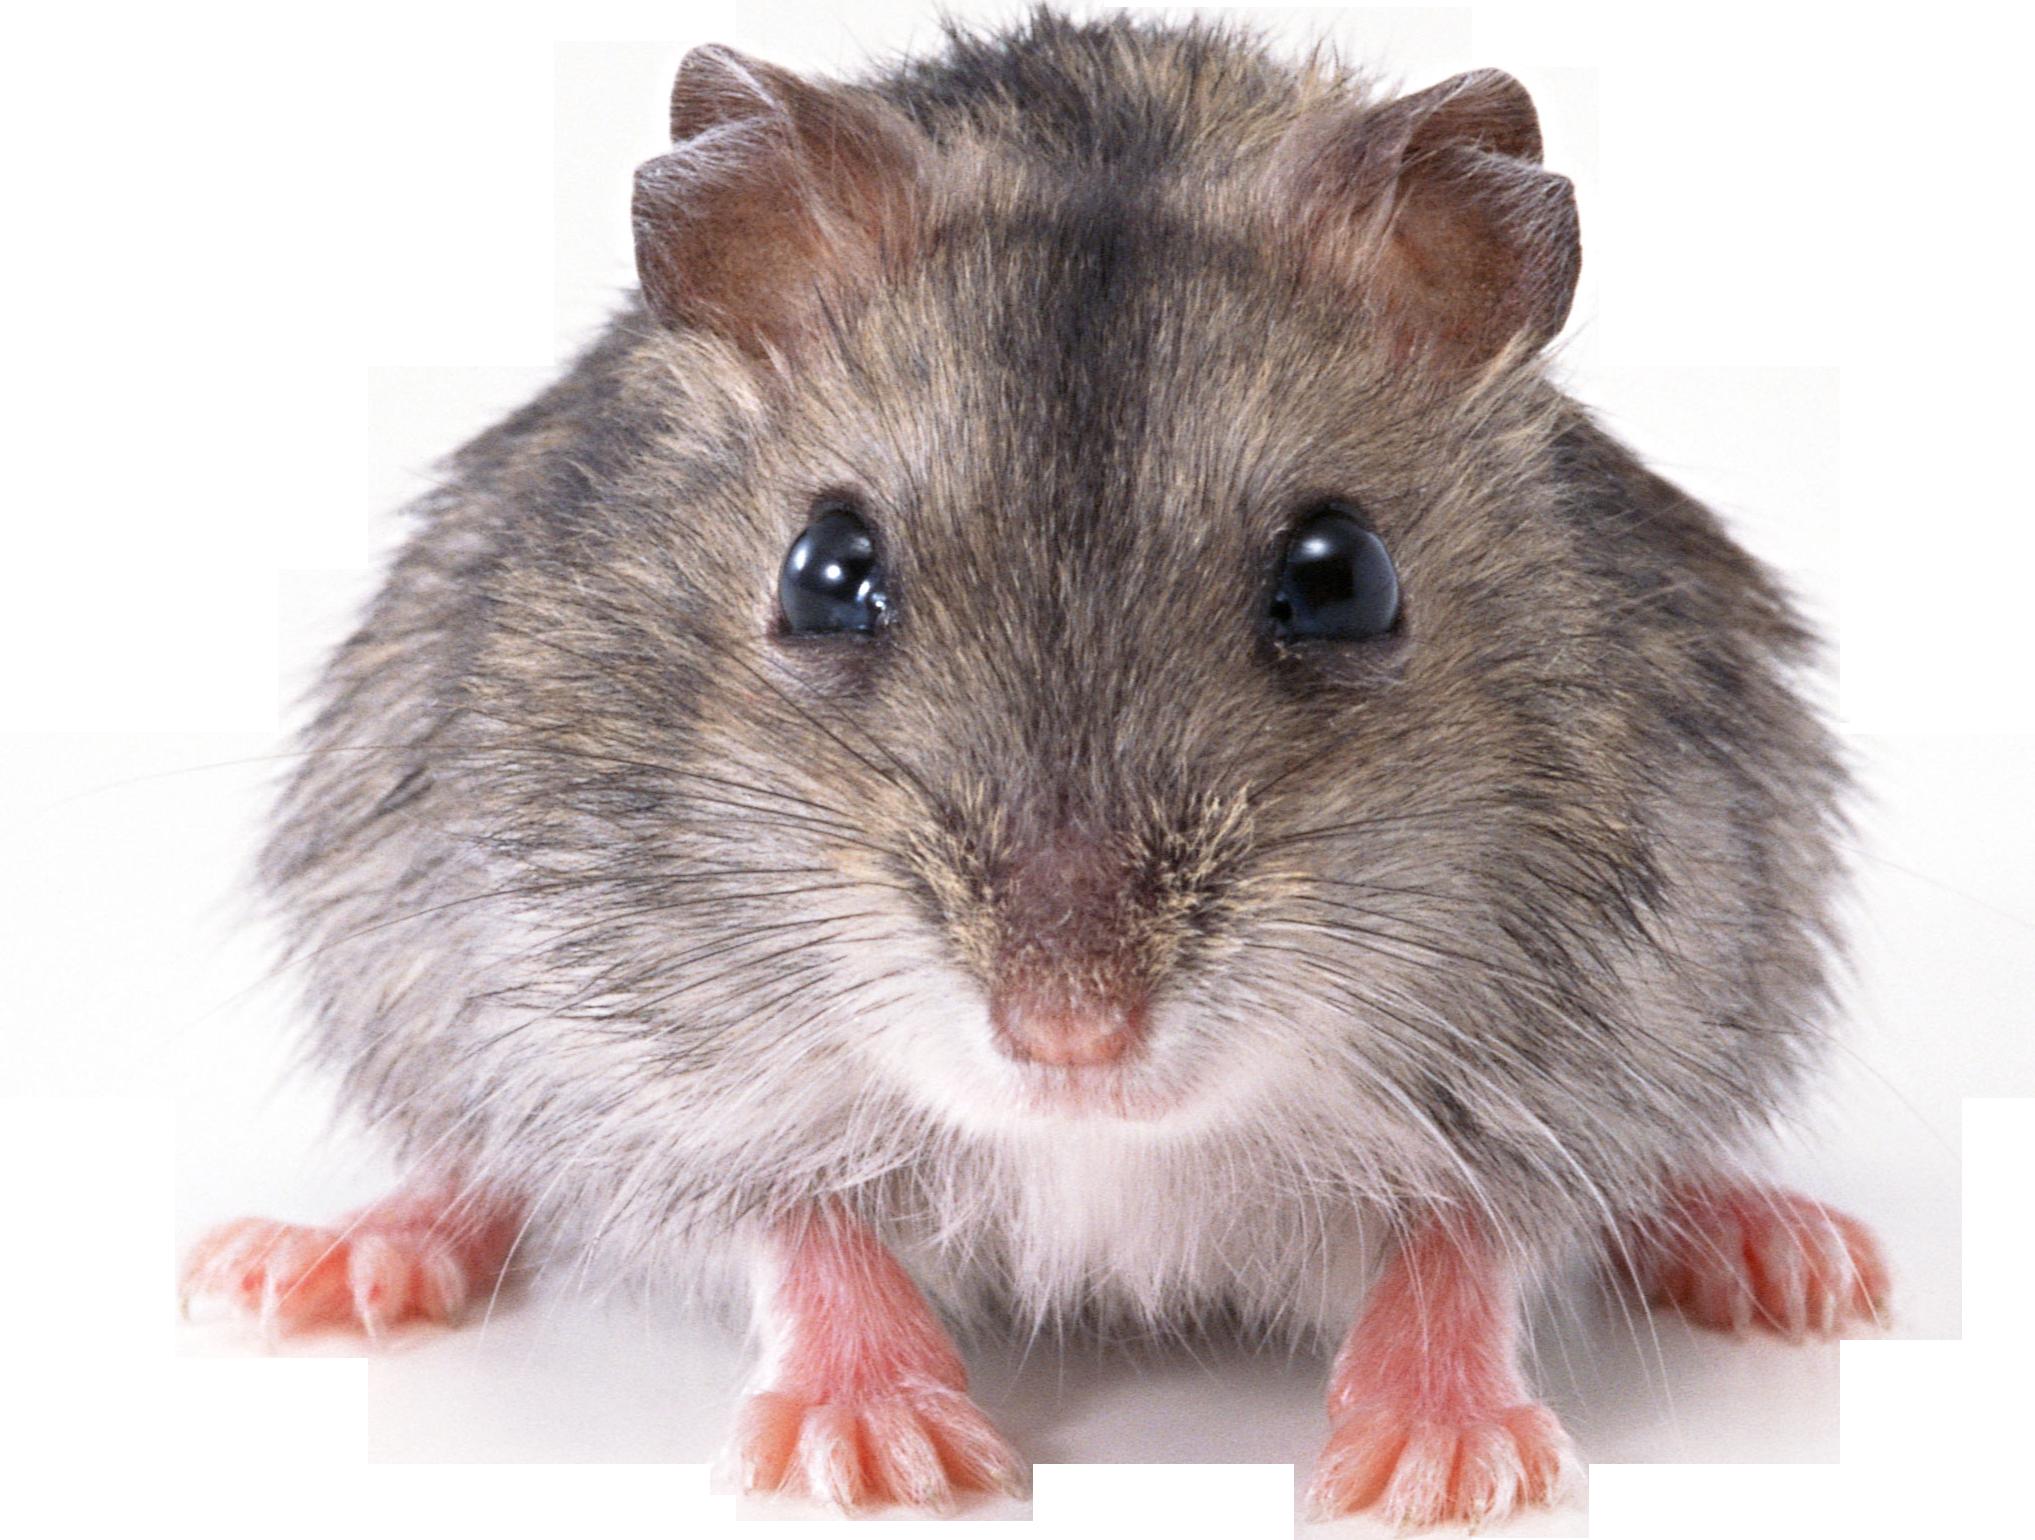 Rat Mouse PNG - 14808